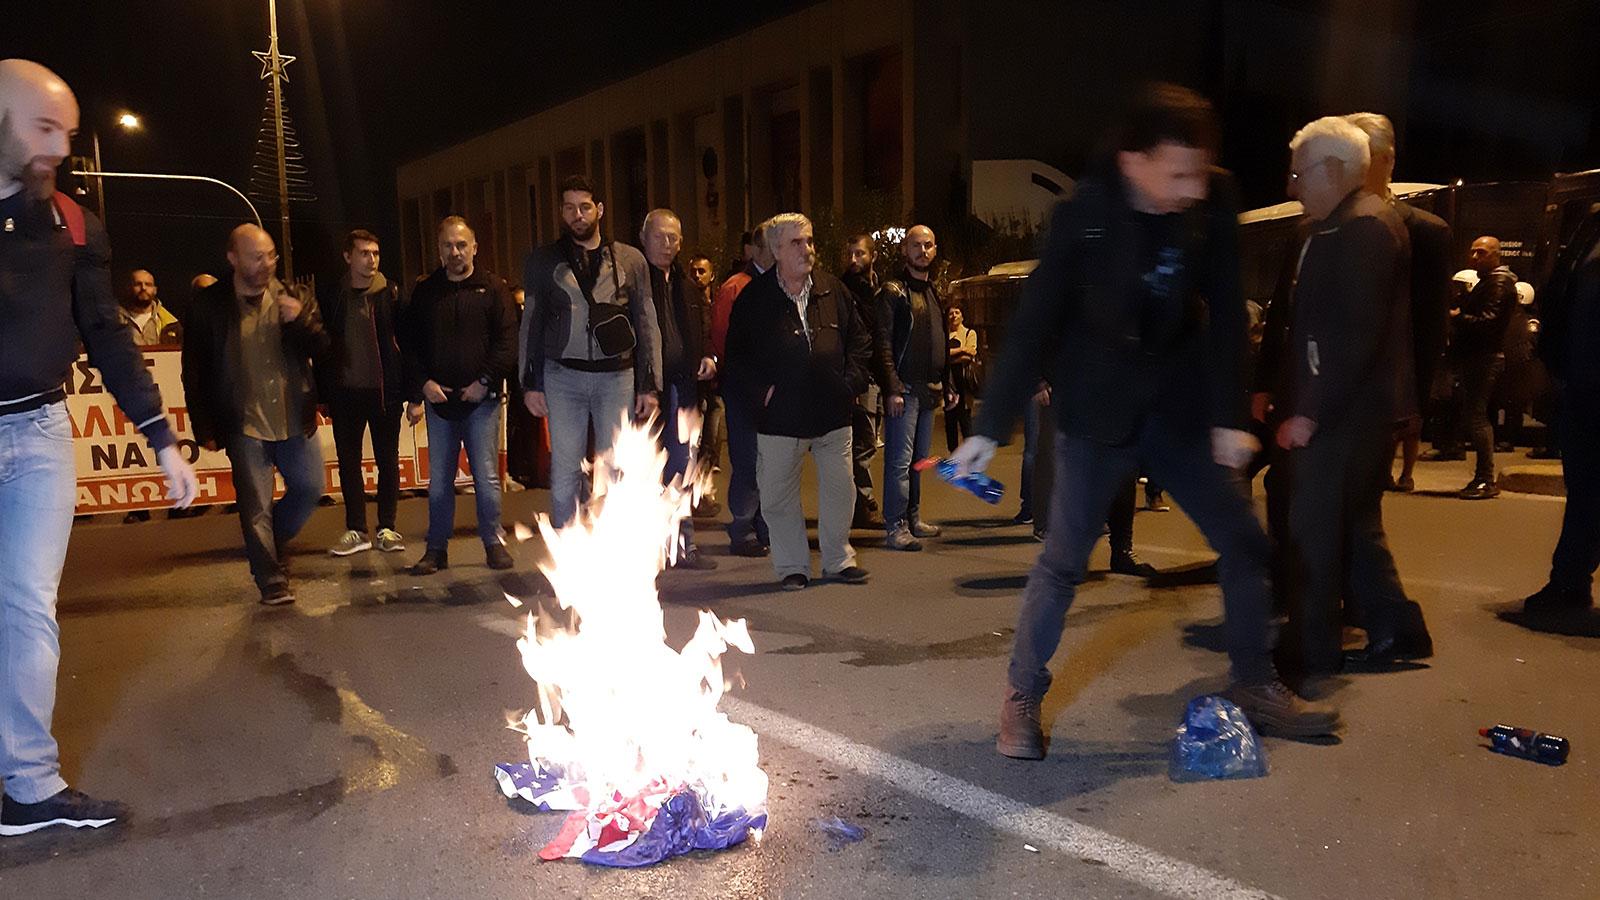 [Ελλάδα]Αθήνα:Στην πυρά σημαίες των ΗΠΑ – ΕΕ έξω από την αμερικάνικη πρεσβεία